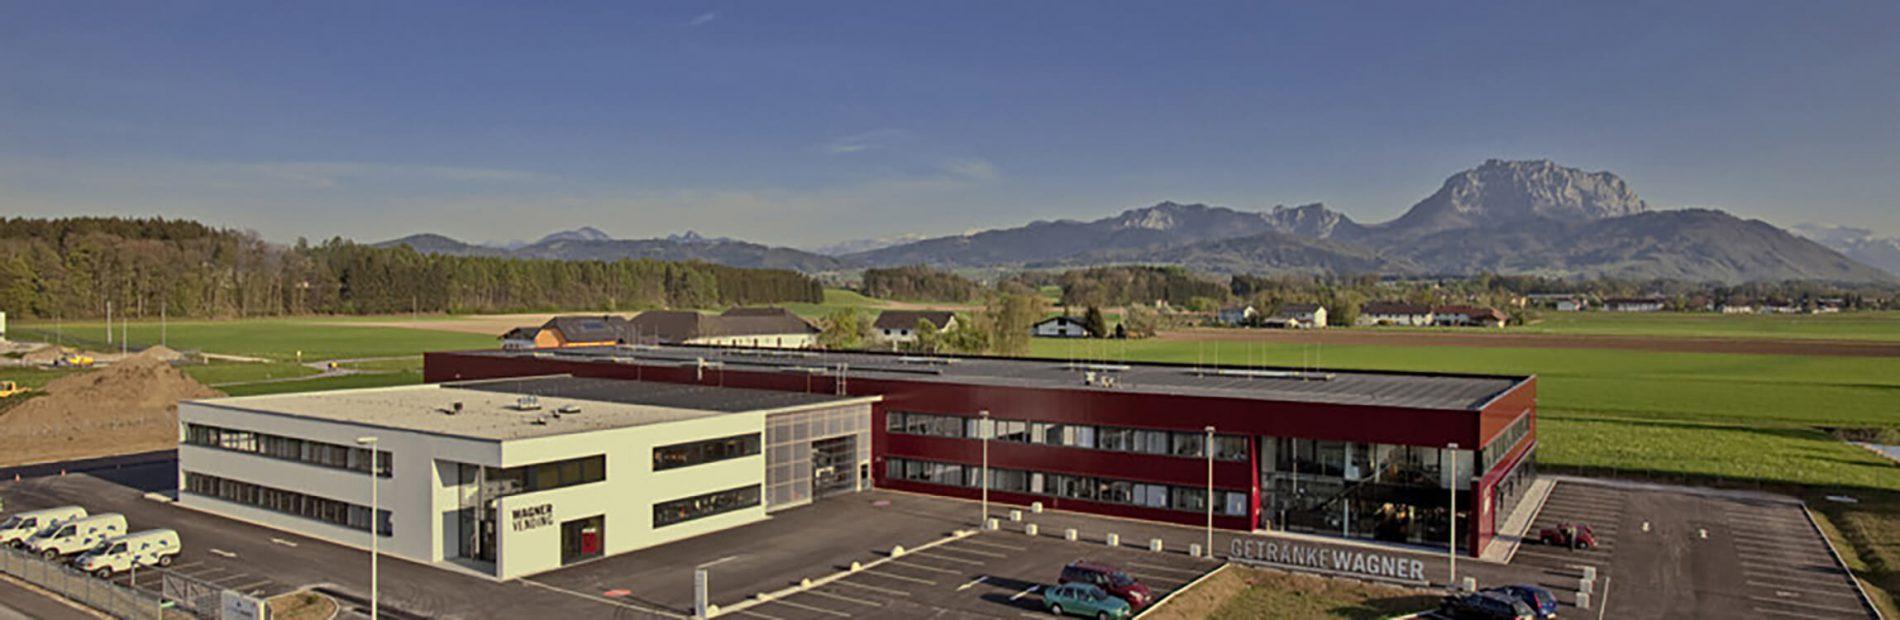 Wagner Vending Firmengebäude neu